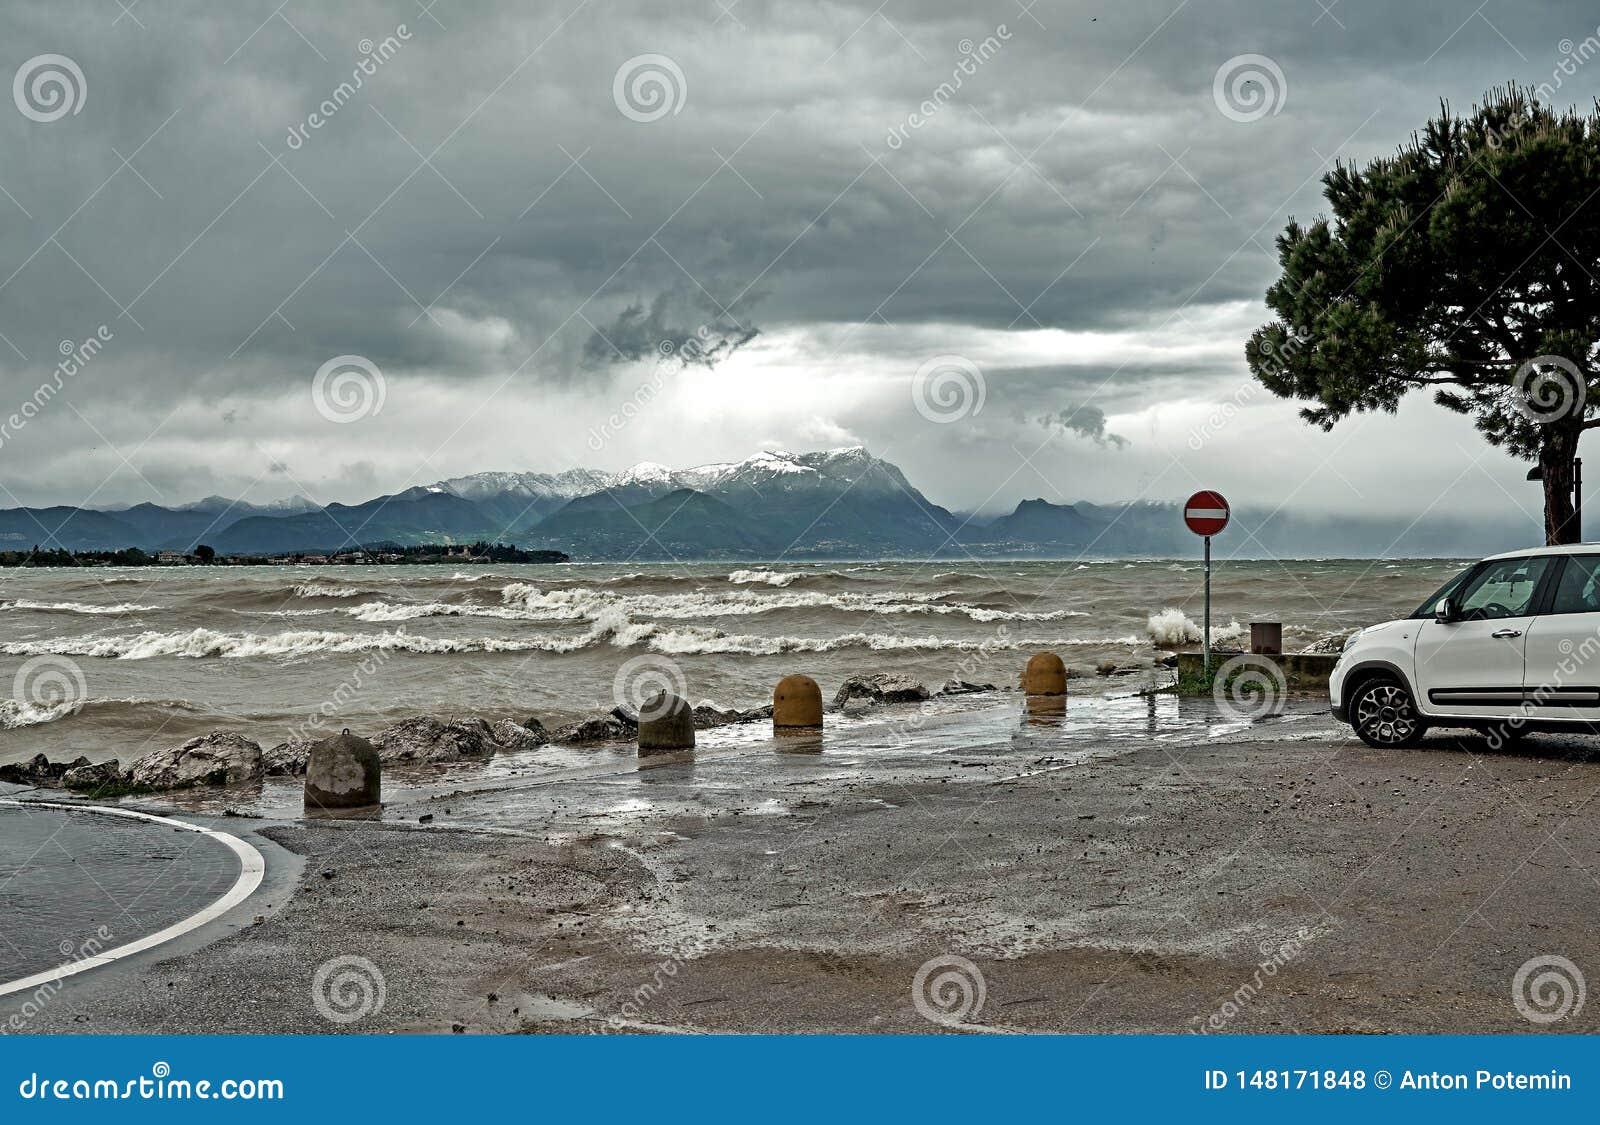 Wspaniały Jeziorny Garda w Włochy otaczał górami i burzowymi chmurami